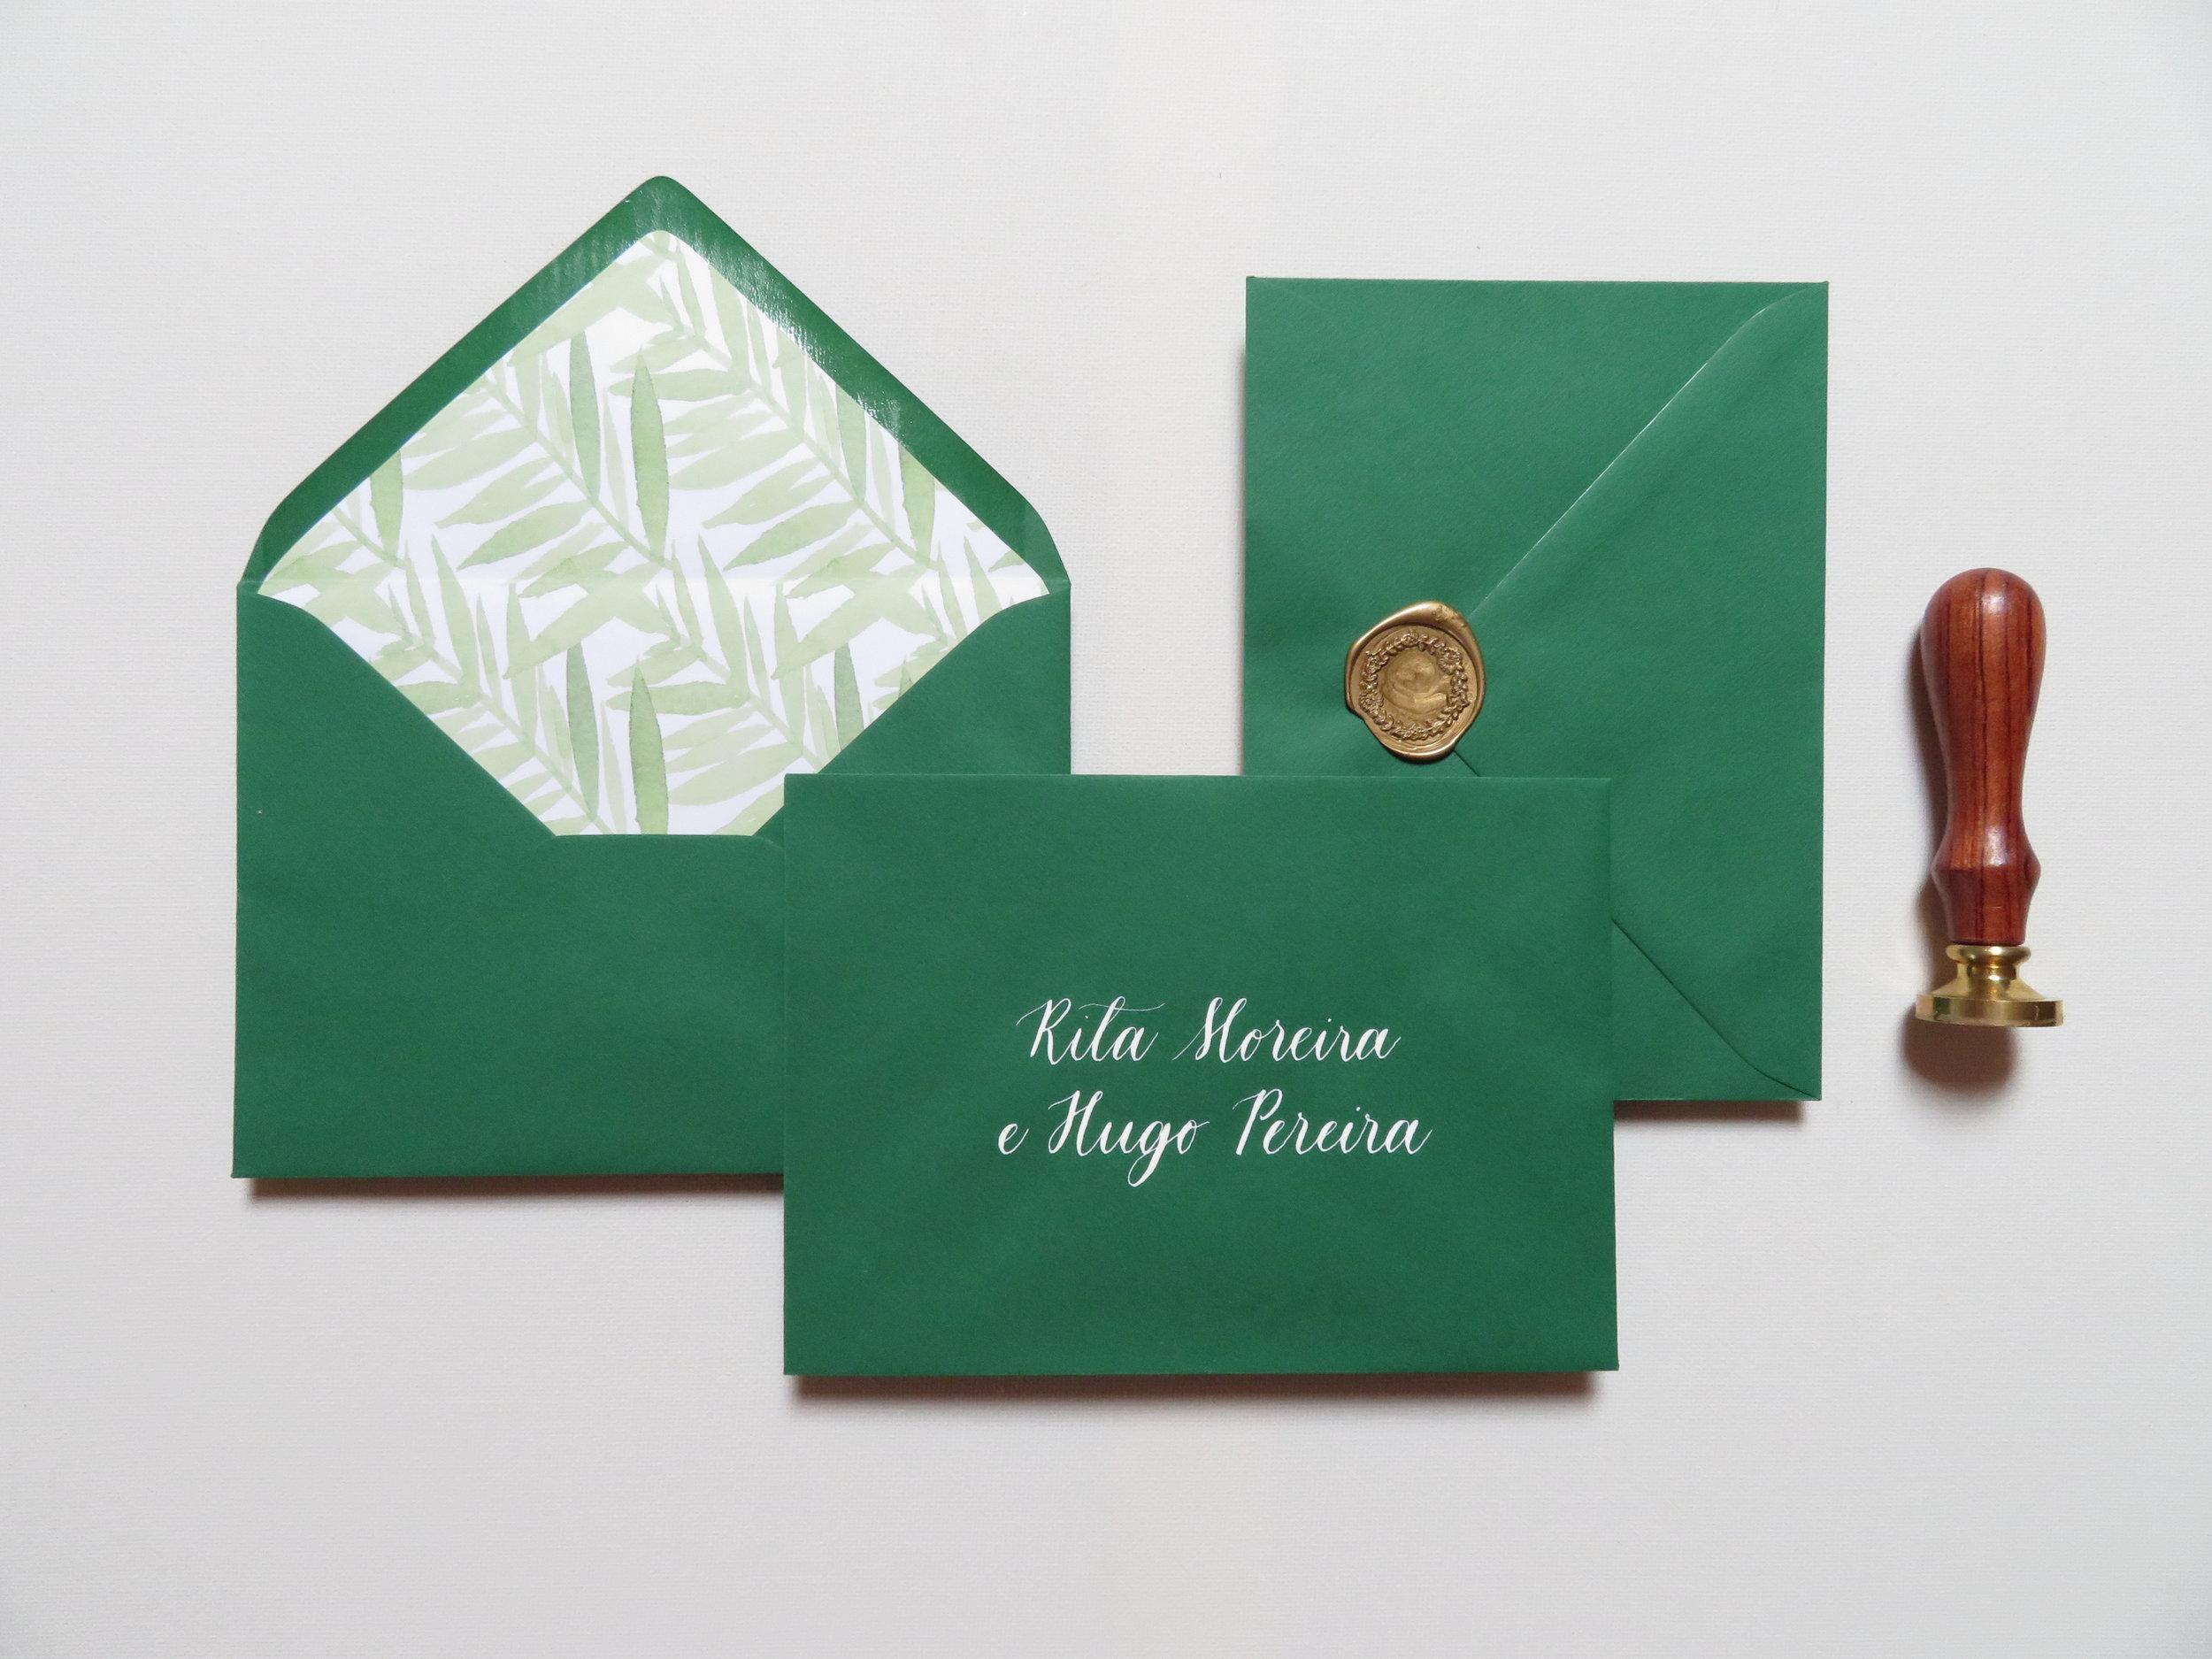 Lacre - Os selos de lacre nos envelopes são a forma ideal de transmitires elegância e sofisticação logo na entrega do convite aos teus convidados.